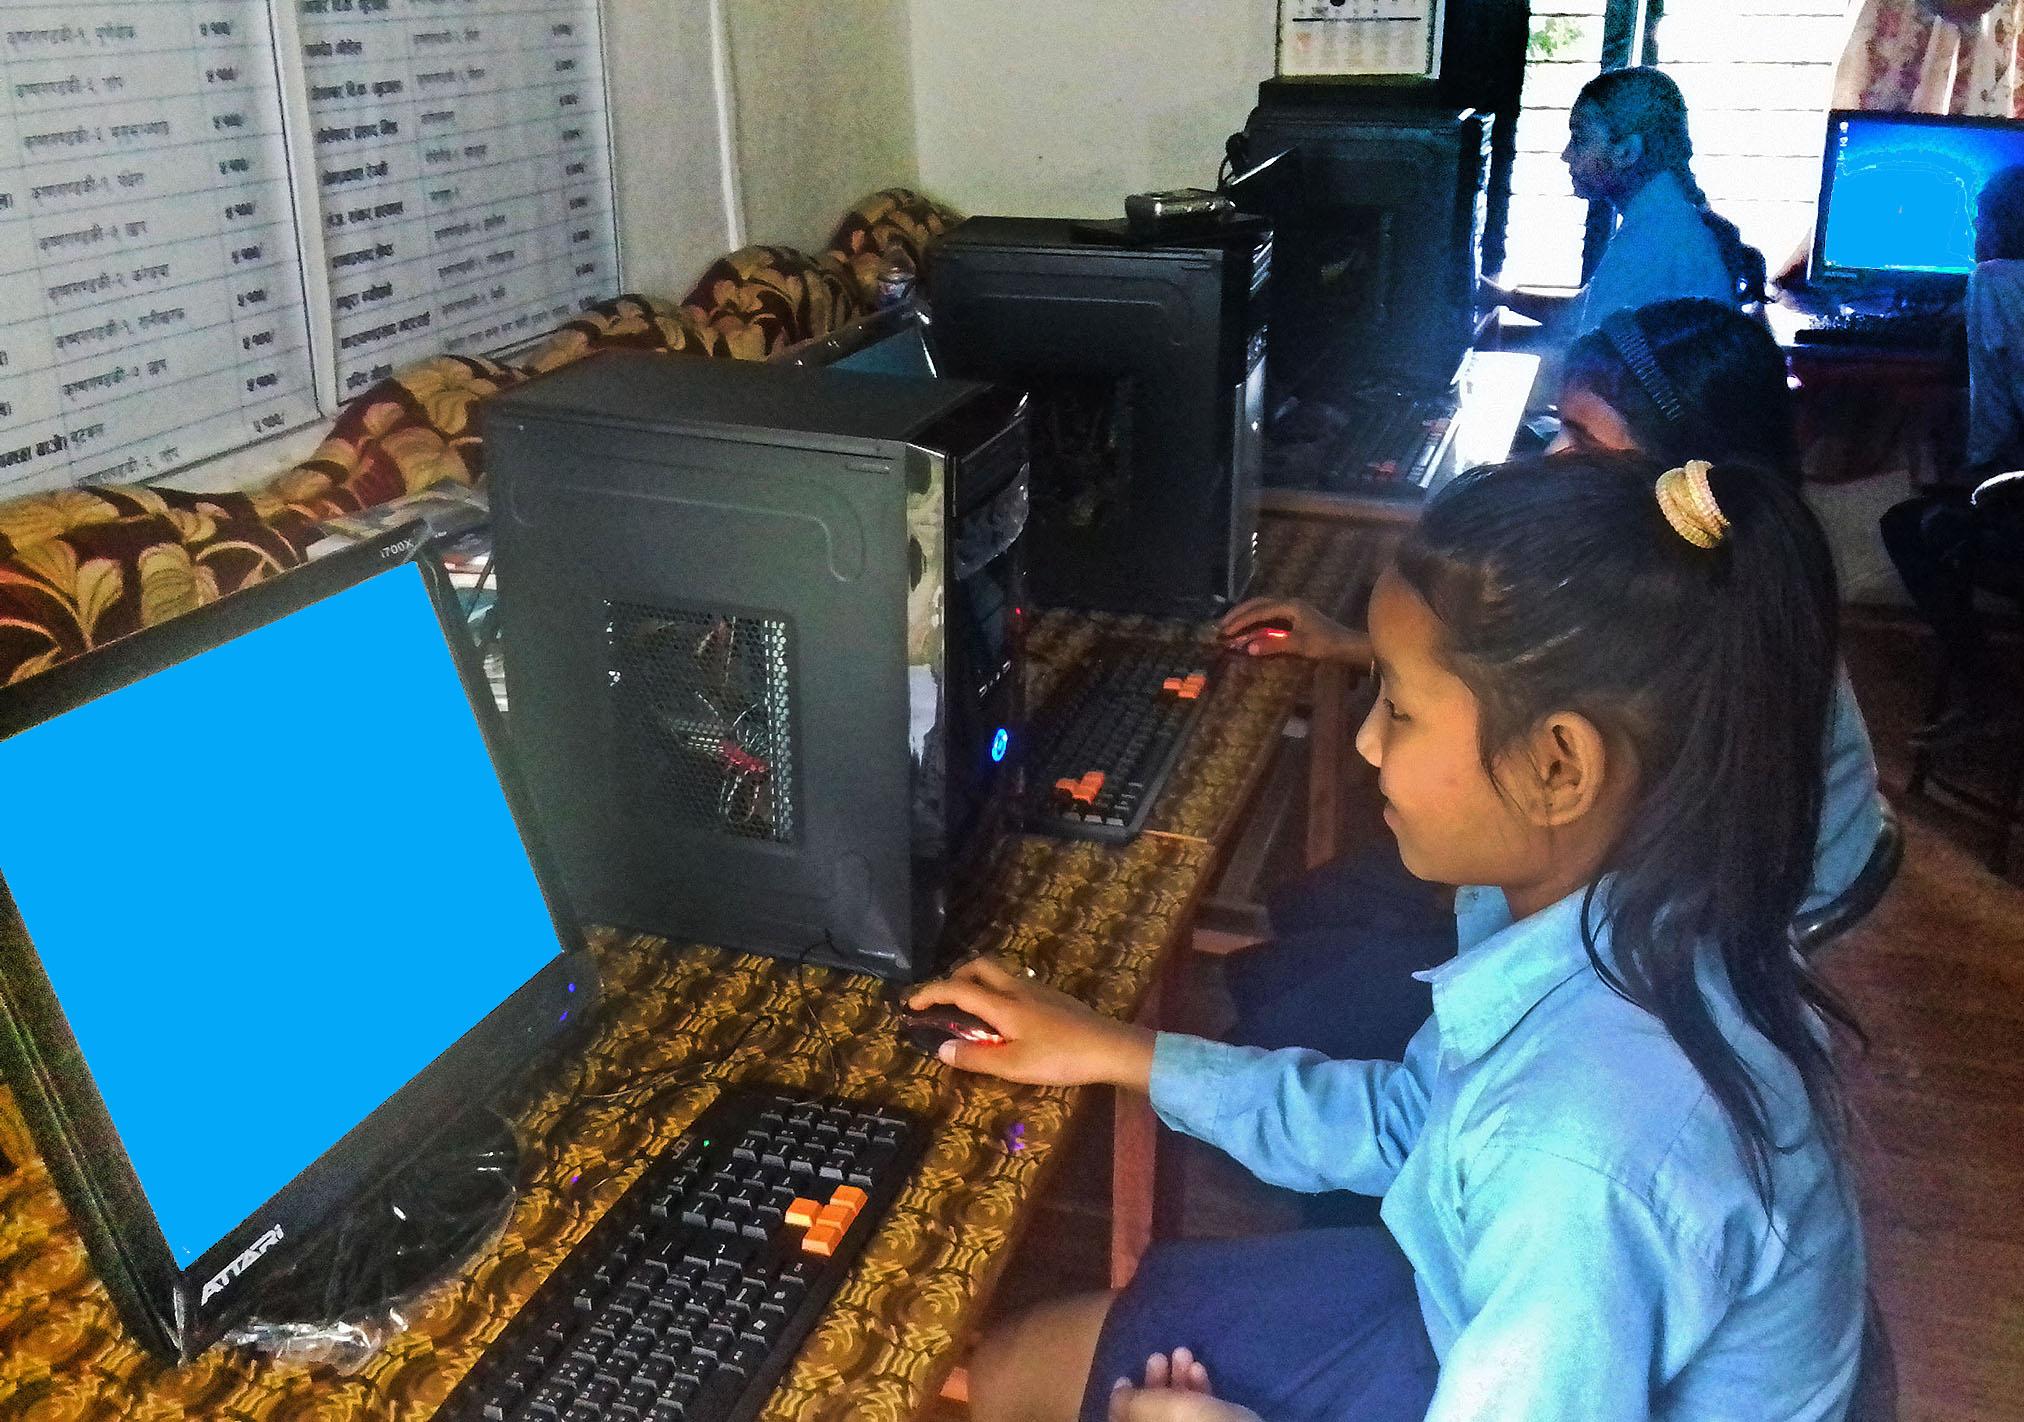 111E_SyangjaSchoolComputers1.jpg